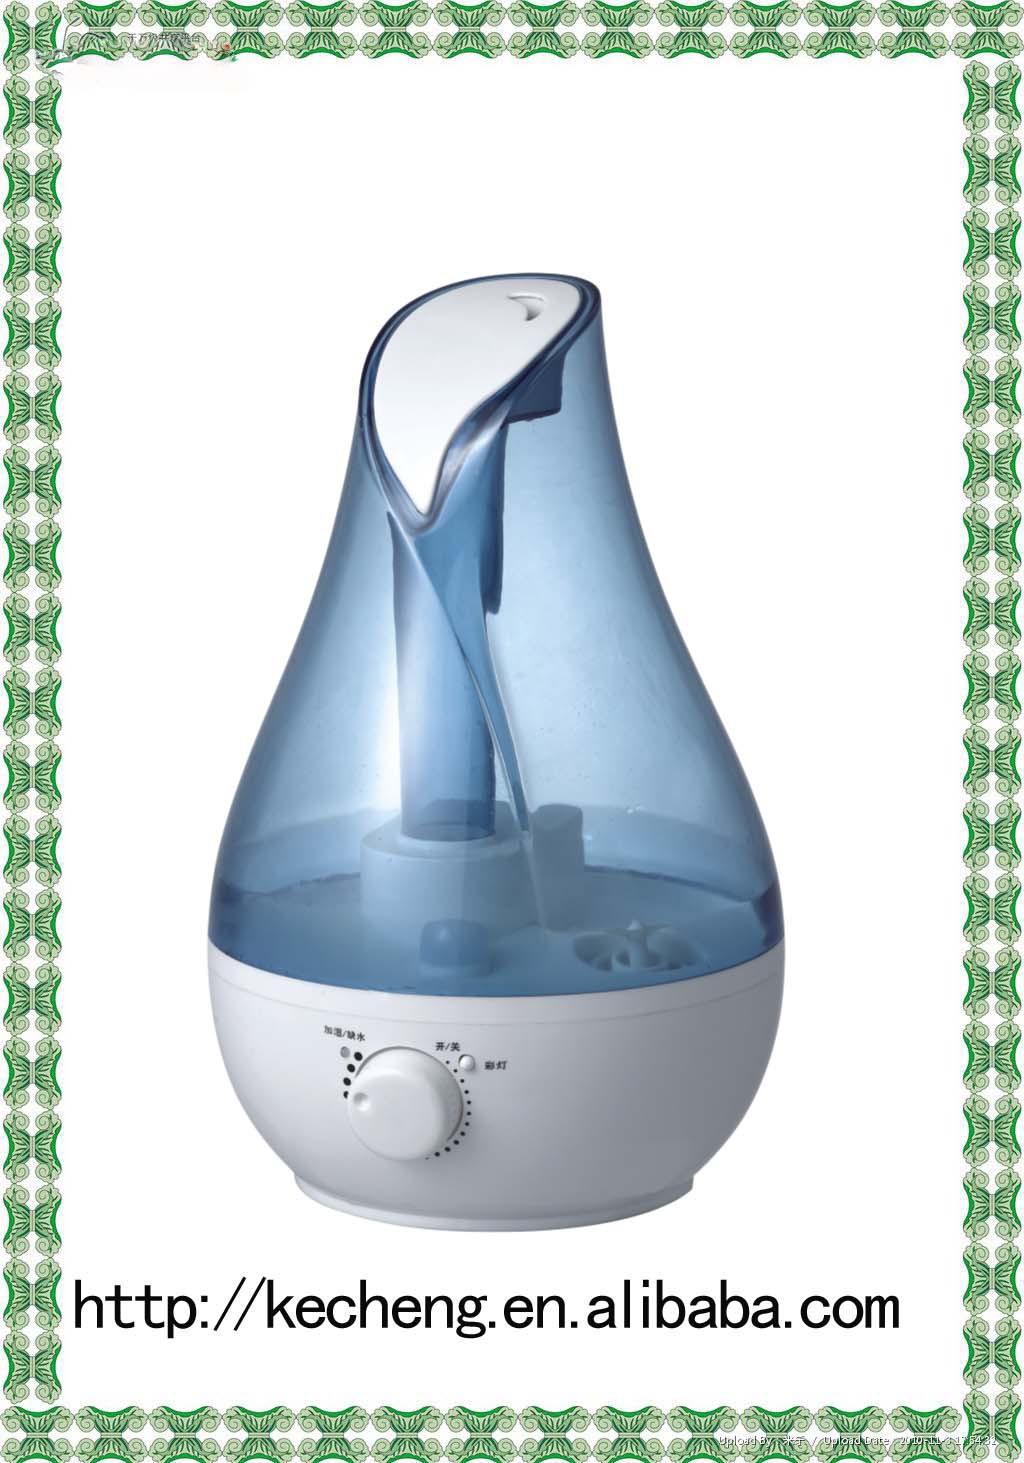 供应科城家用超声波增湿器带香薰功能纯净加湿图片